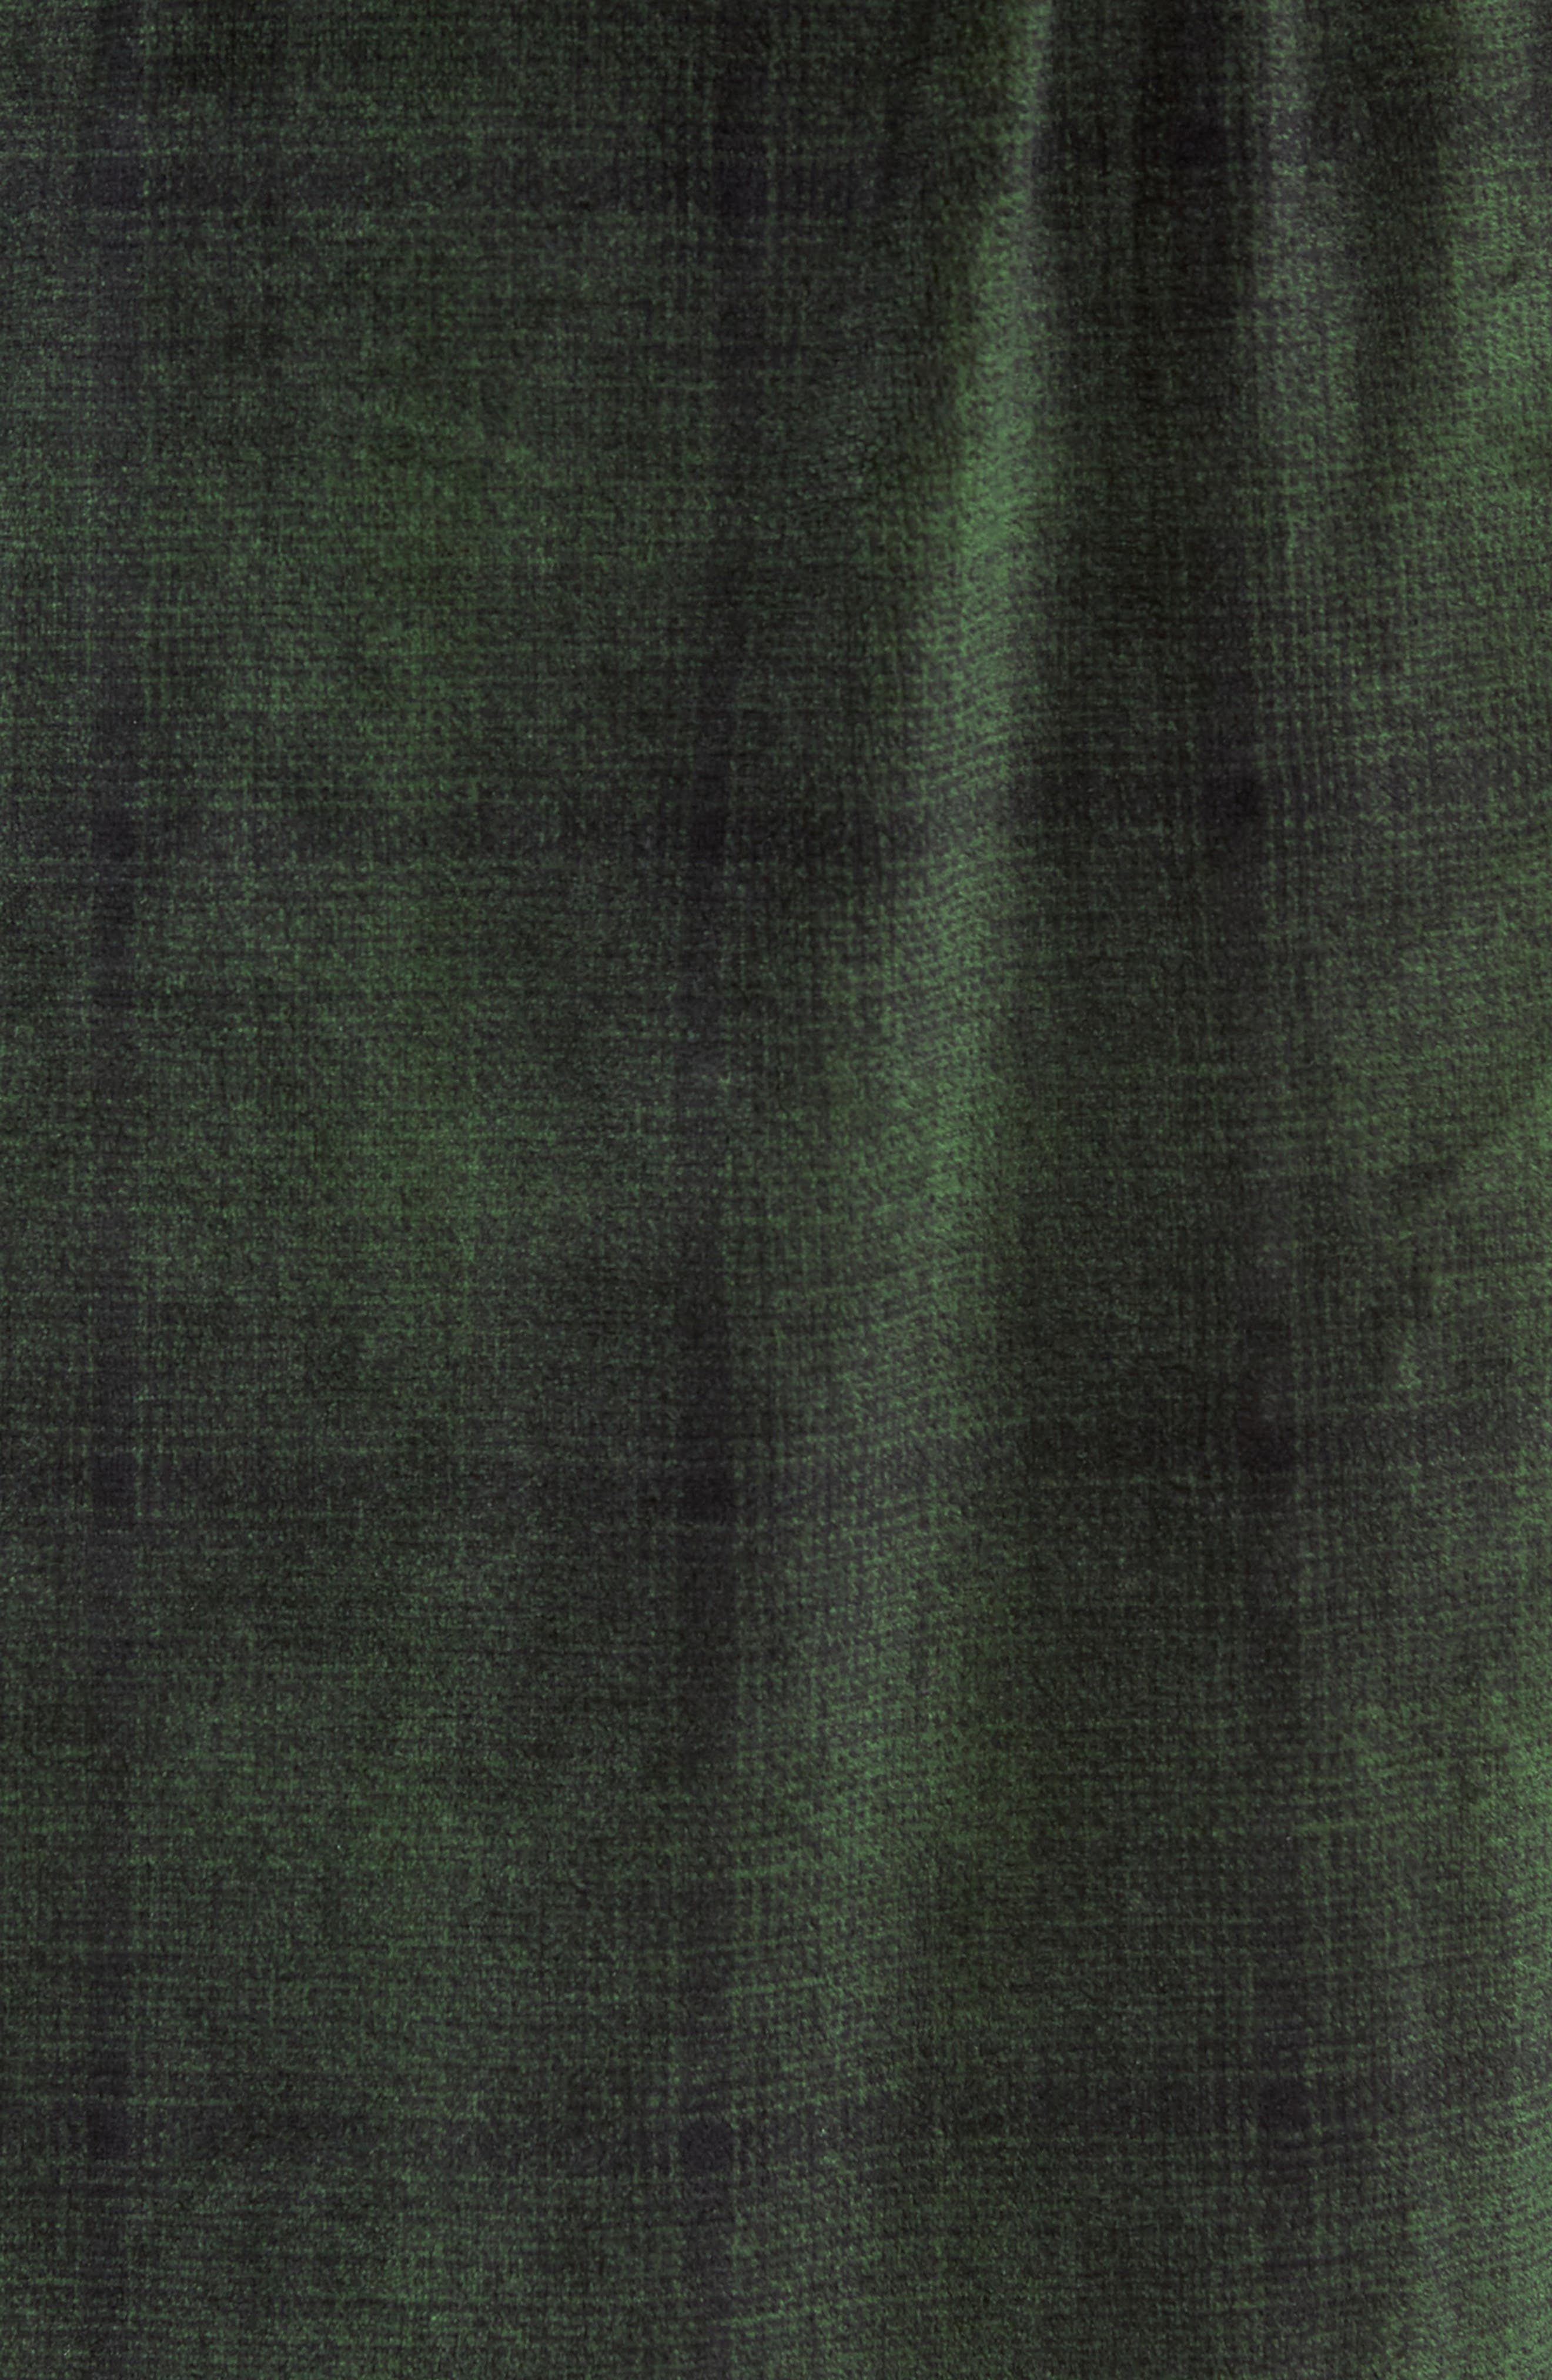 NORDSTROM MEN'S SHOP, Ombré Plaid Fleece Robe, Alternate thumbnail 5, color, GREEN - BLACK OMBRE PLAID